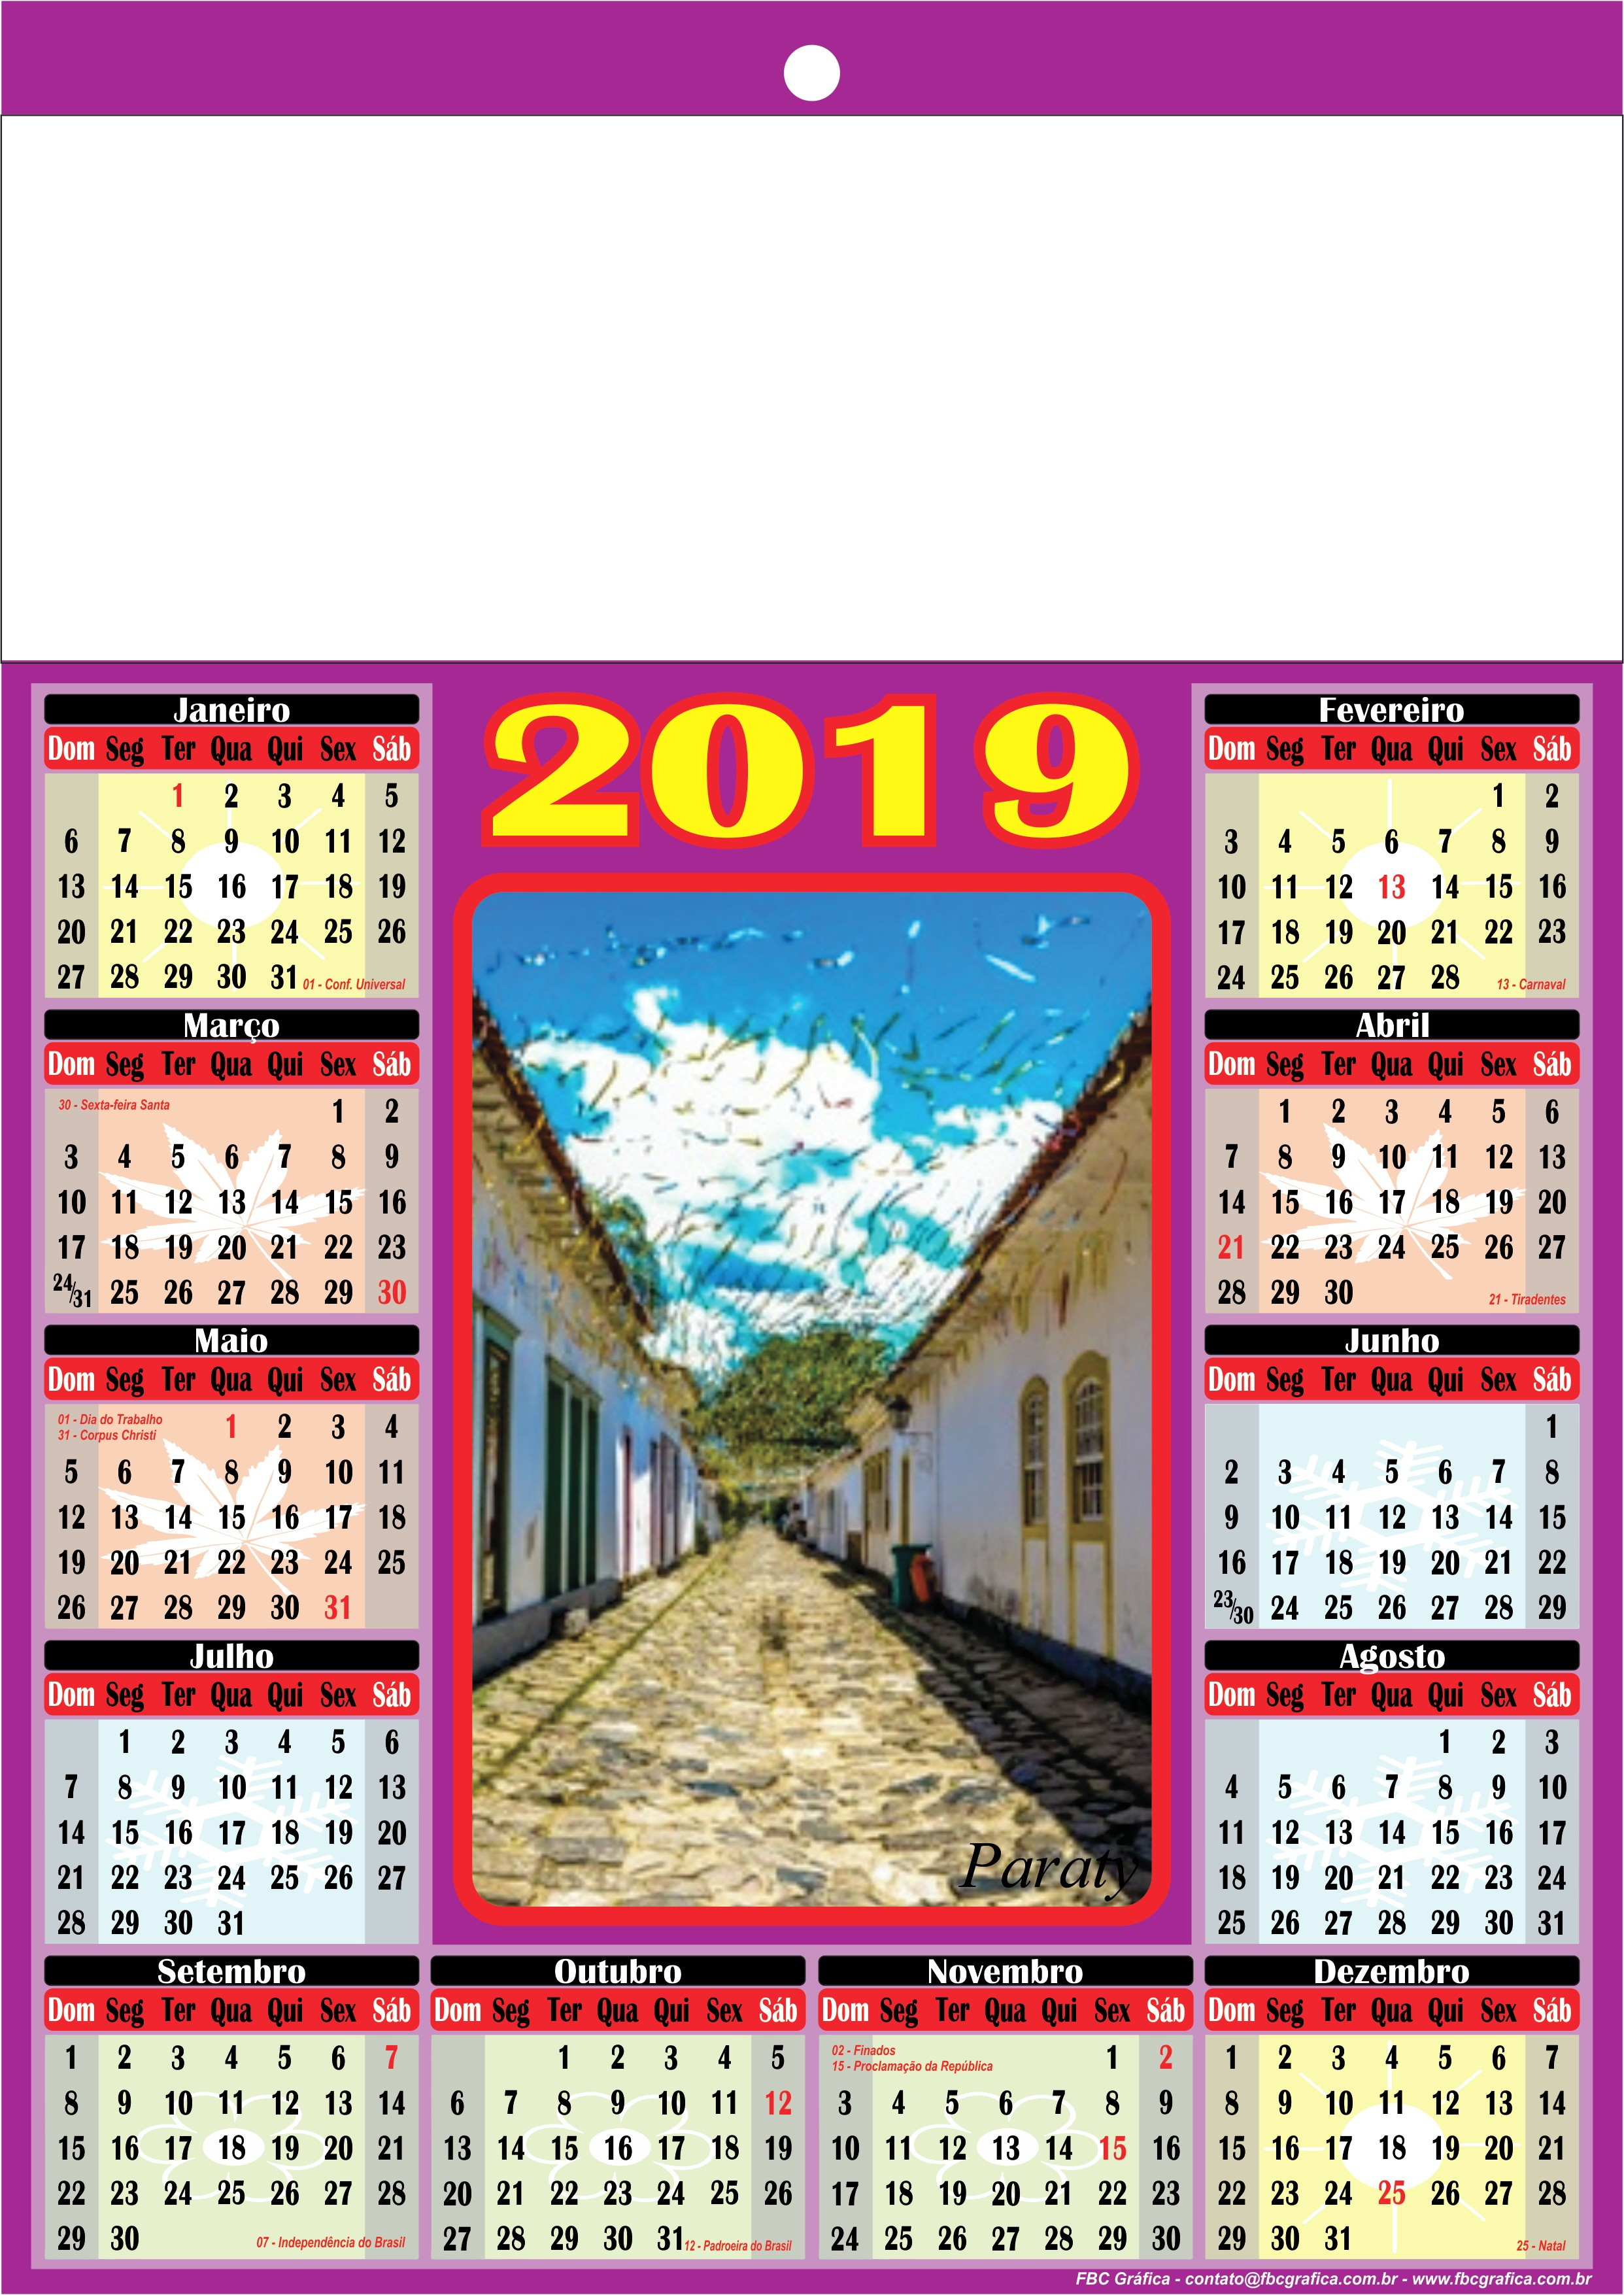 Calendario 2019 Brasil Carnaval Más Populares Calendário Folhinha Of Calendario 2019 Brasil Carnaval Mejores Y Más Novedosos Arte Para Calendario